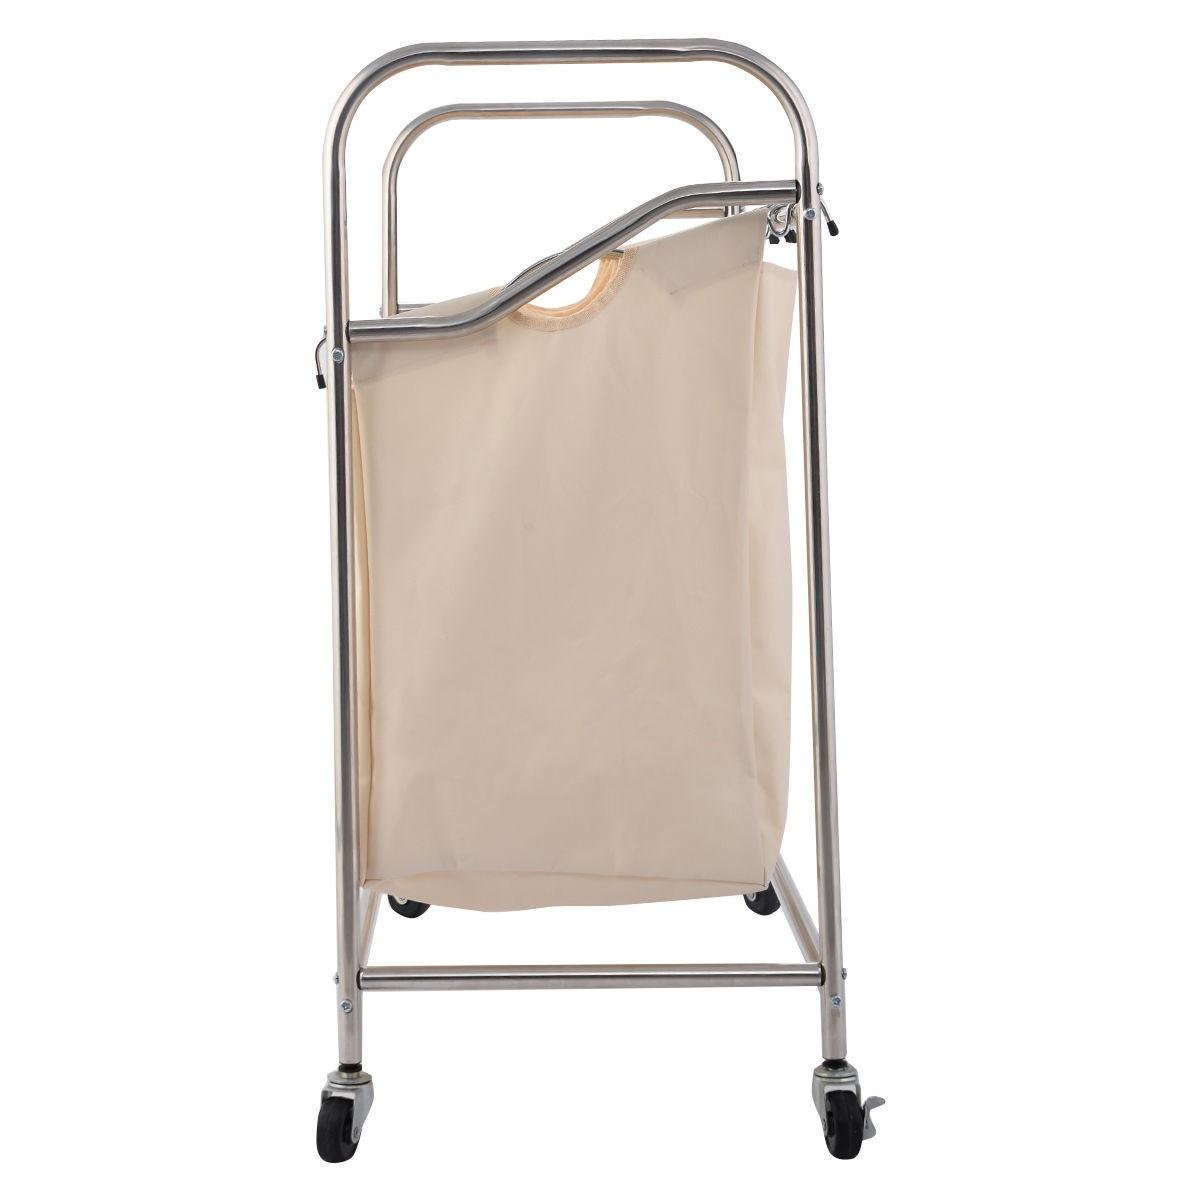 4 Bag Laundry Rolling Cart Basket Hamper Sorter Storage